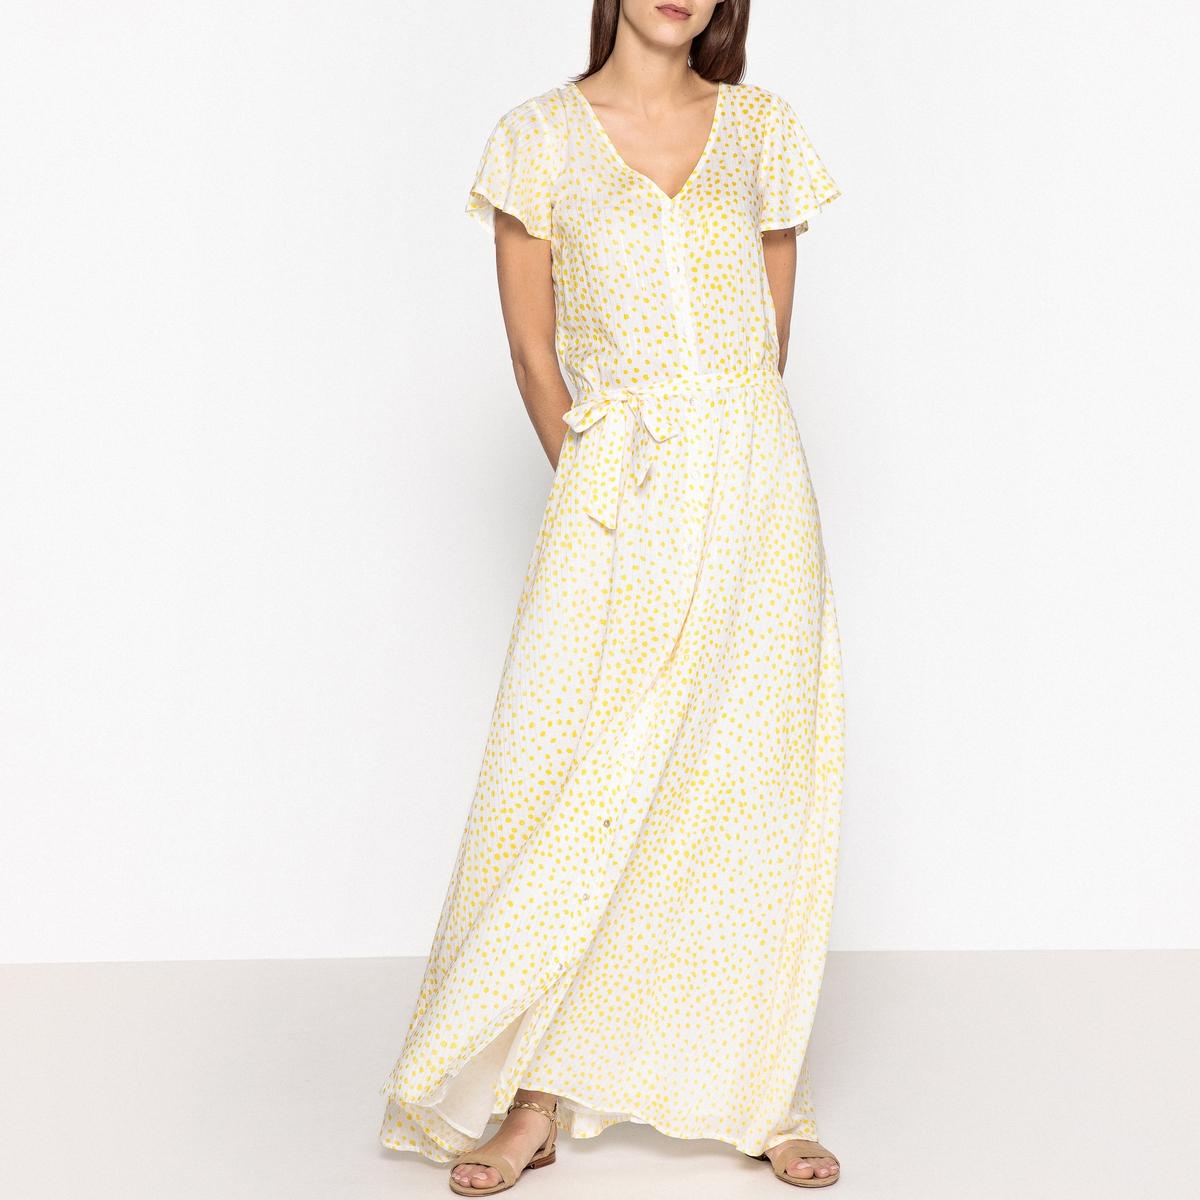 Платье на пуговицах с короткими рукавами SUNLIGHTОписание:Платье длинное с короткими рукавами BLUNE - модель SUNLIGHT. Застежка на пуговицы с завязкой на поясе, расклешенный покрой из ткани с принтом  .Детали •  Форма : расклешенная •  Длина ниже колен •  Короткие рукава    •   V-образный вырез •  Рисунок в горошекСостав и уход •  99% вискозы, 1% металлизированных волокон •  Следуйте советам по уходу, указанным на этикетке<br><br>Цвет: желтый